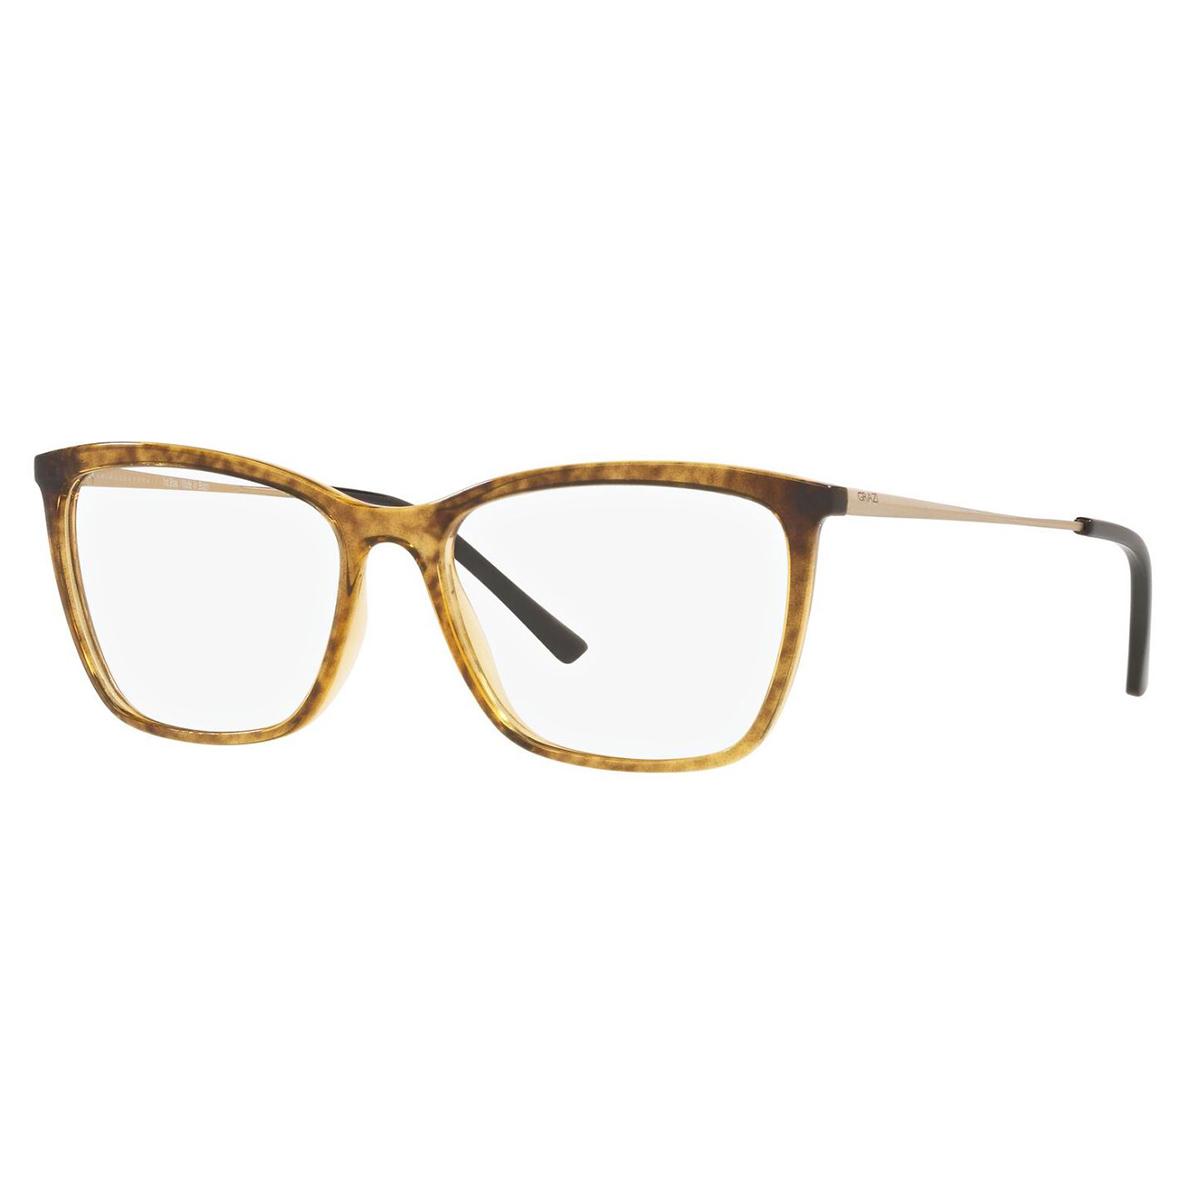 Óculos de Grau Grazi Massafera GZ3087 Marrom Caramelo Translúcido